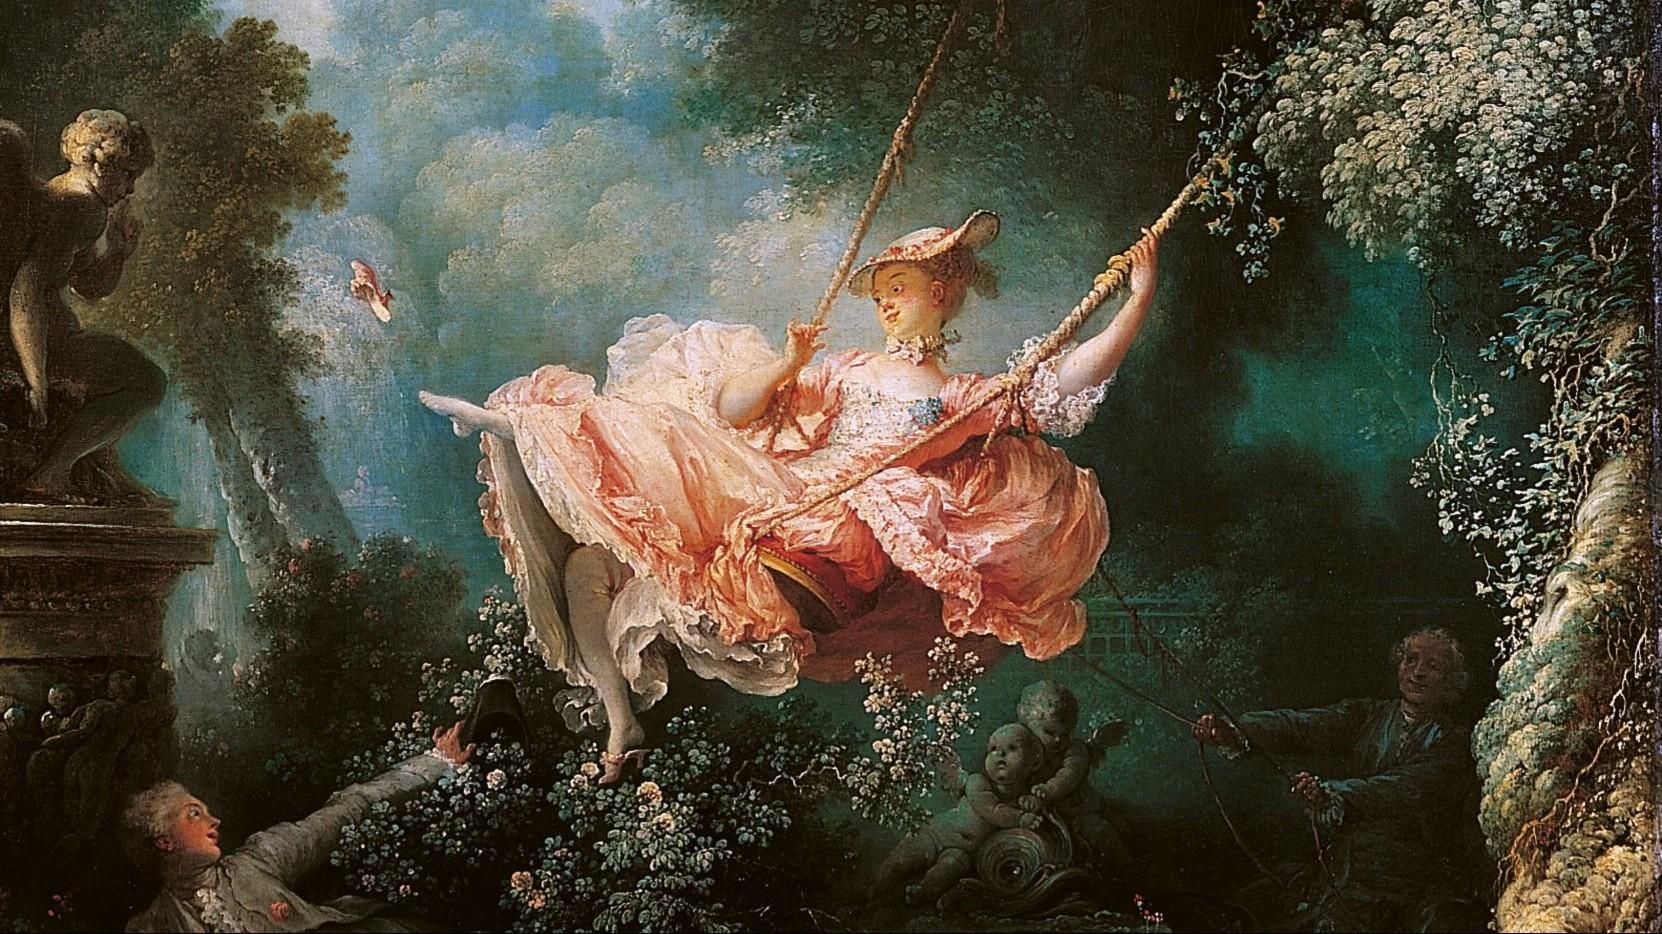 L'ammaliante storia di Progress of Love di Jean-Honoré Fragonard. Il video della Frick Collection